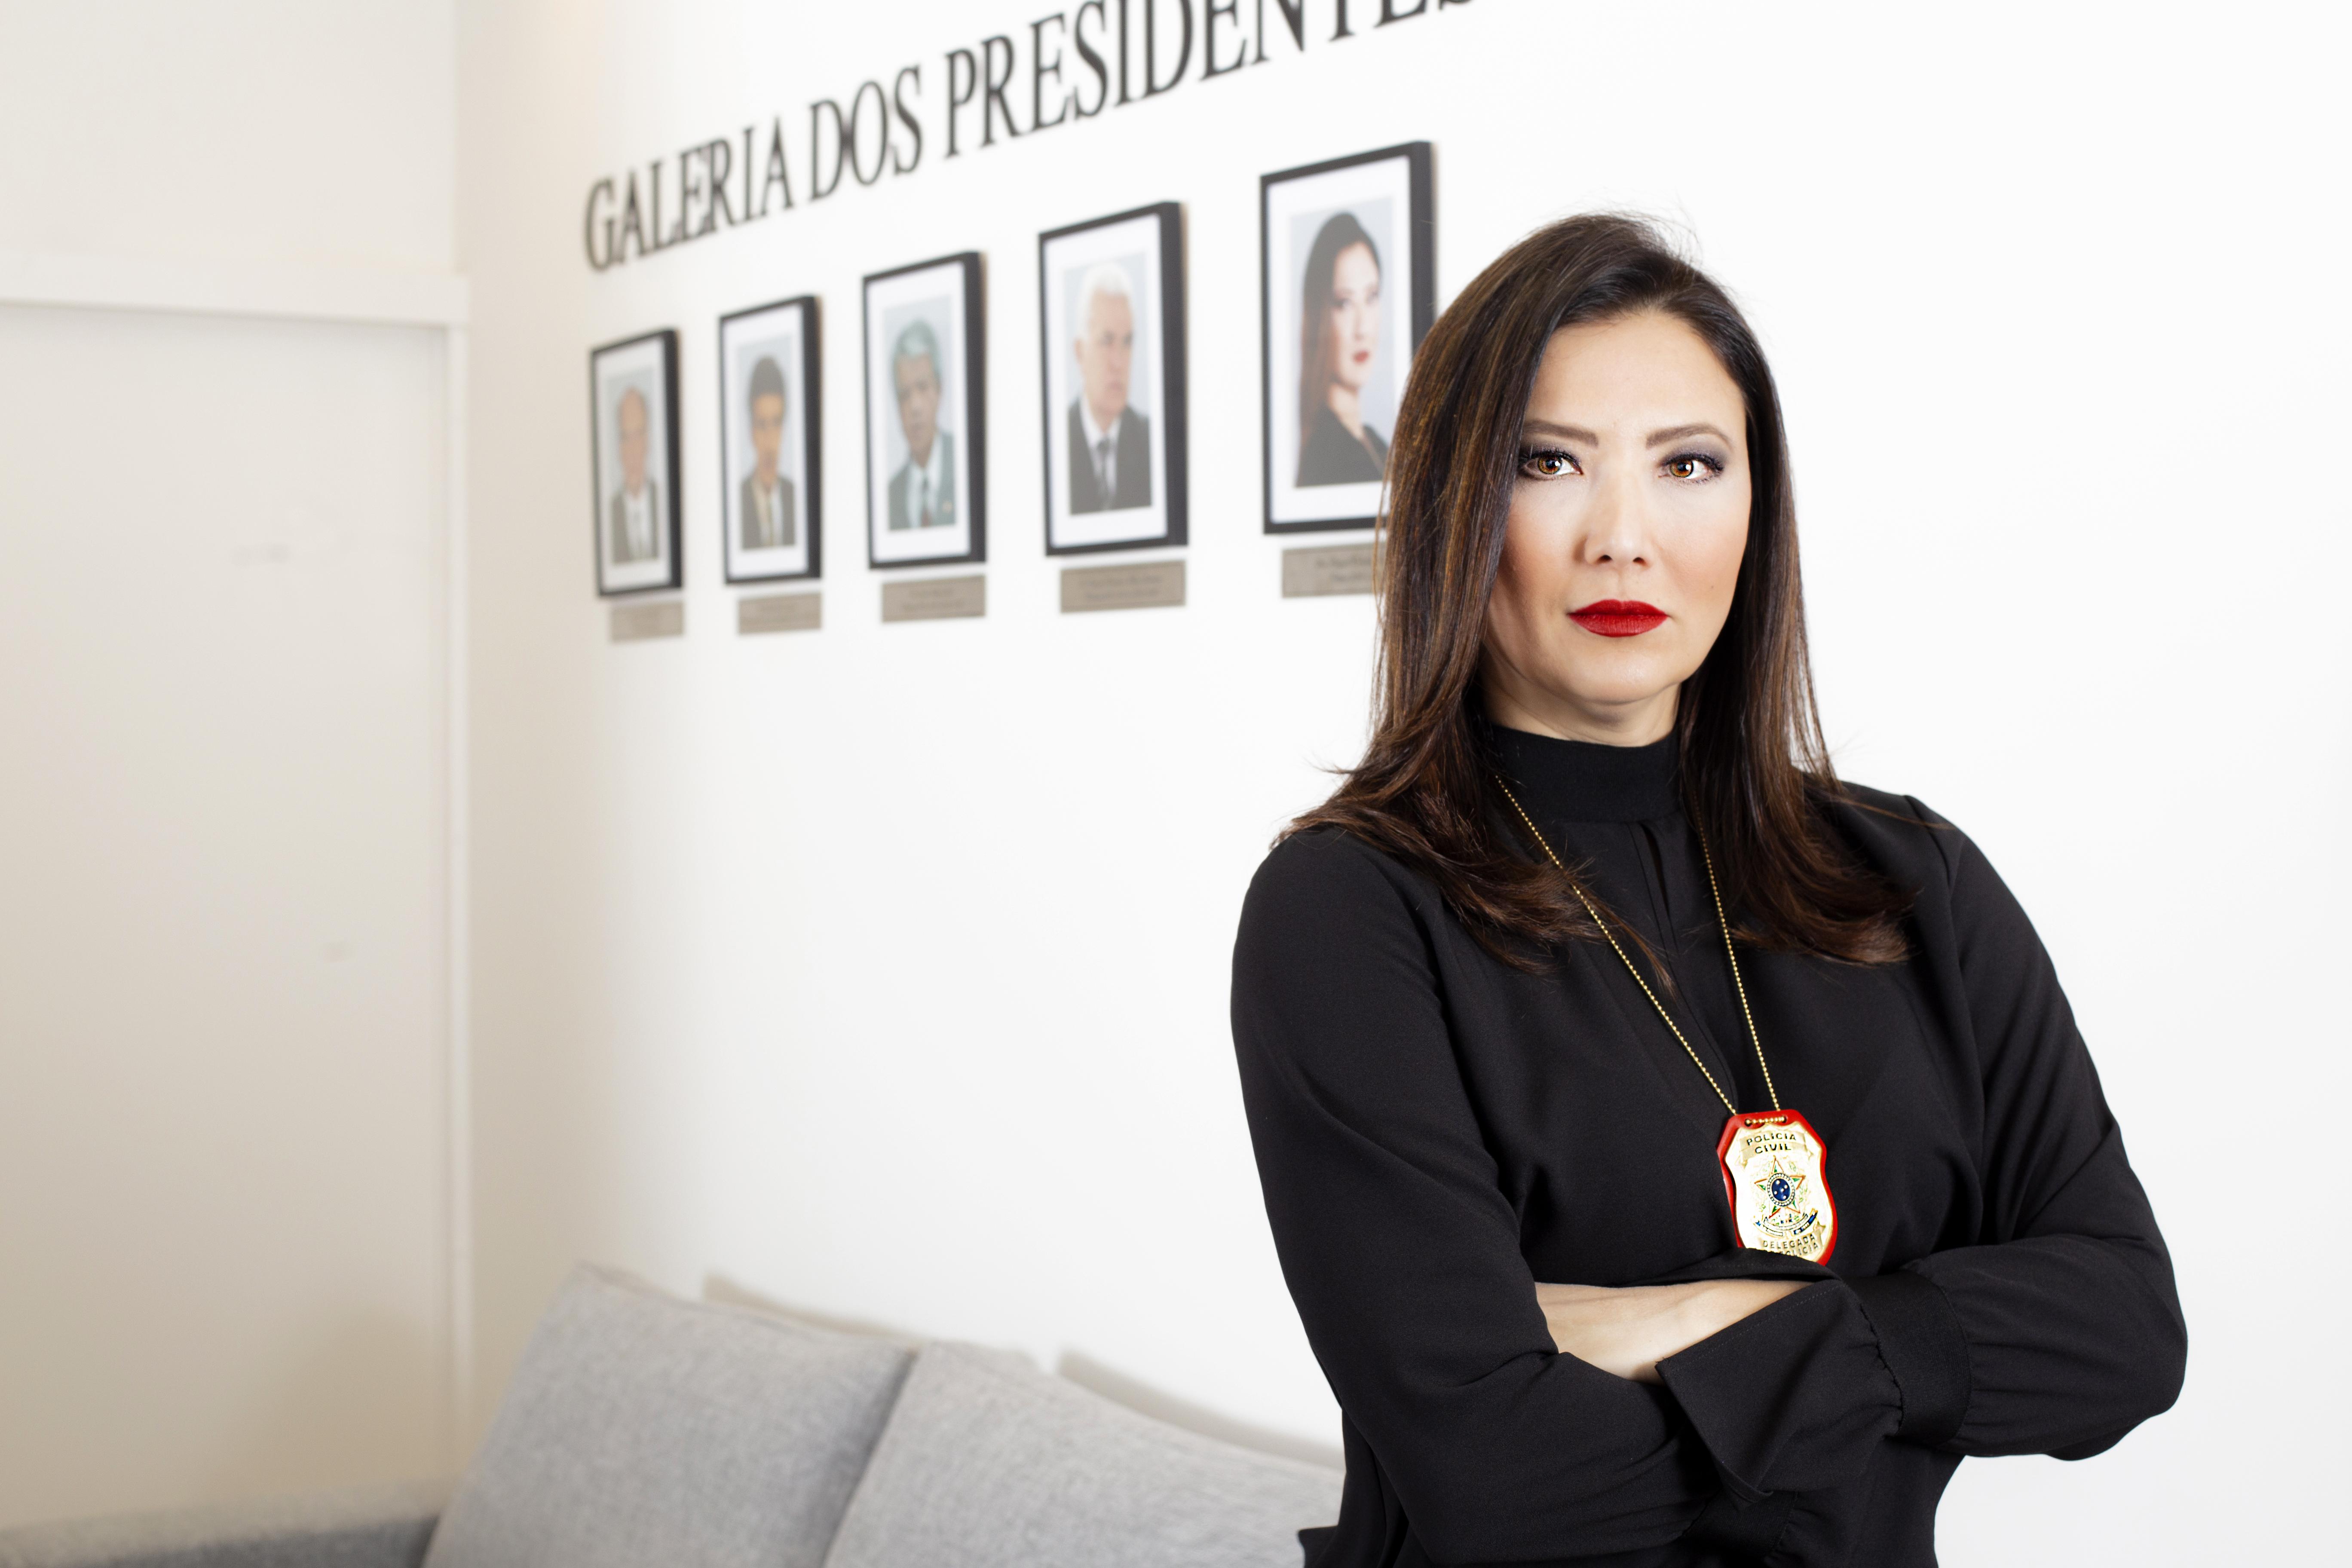 Raquel Gallinati, presidente do Sindpesp, posa ao lado dos retratos dos presidentes anteriores vestindo um suéter preto e batom vermelho.